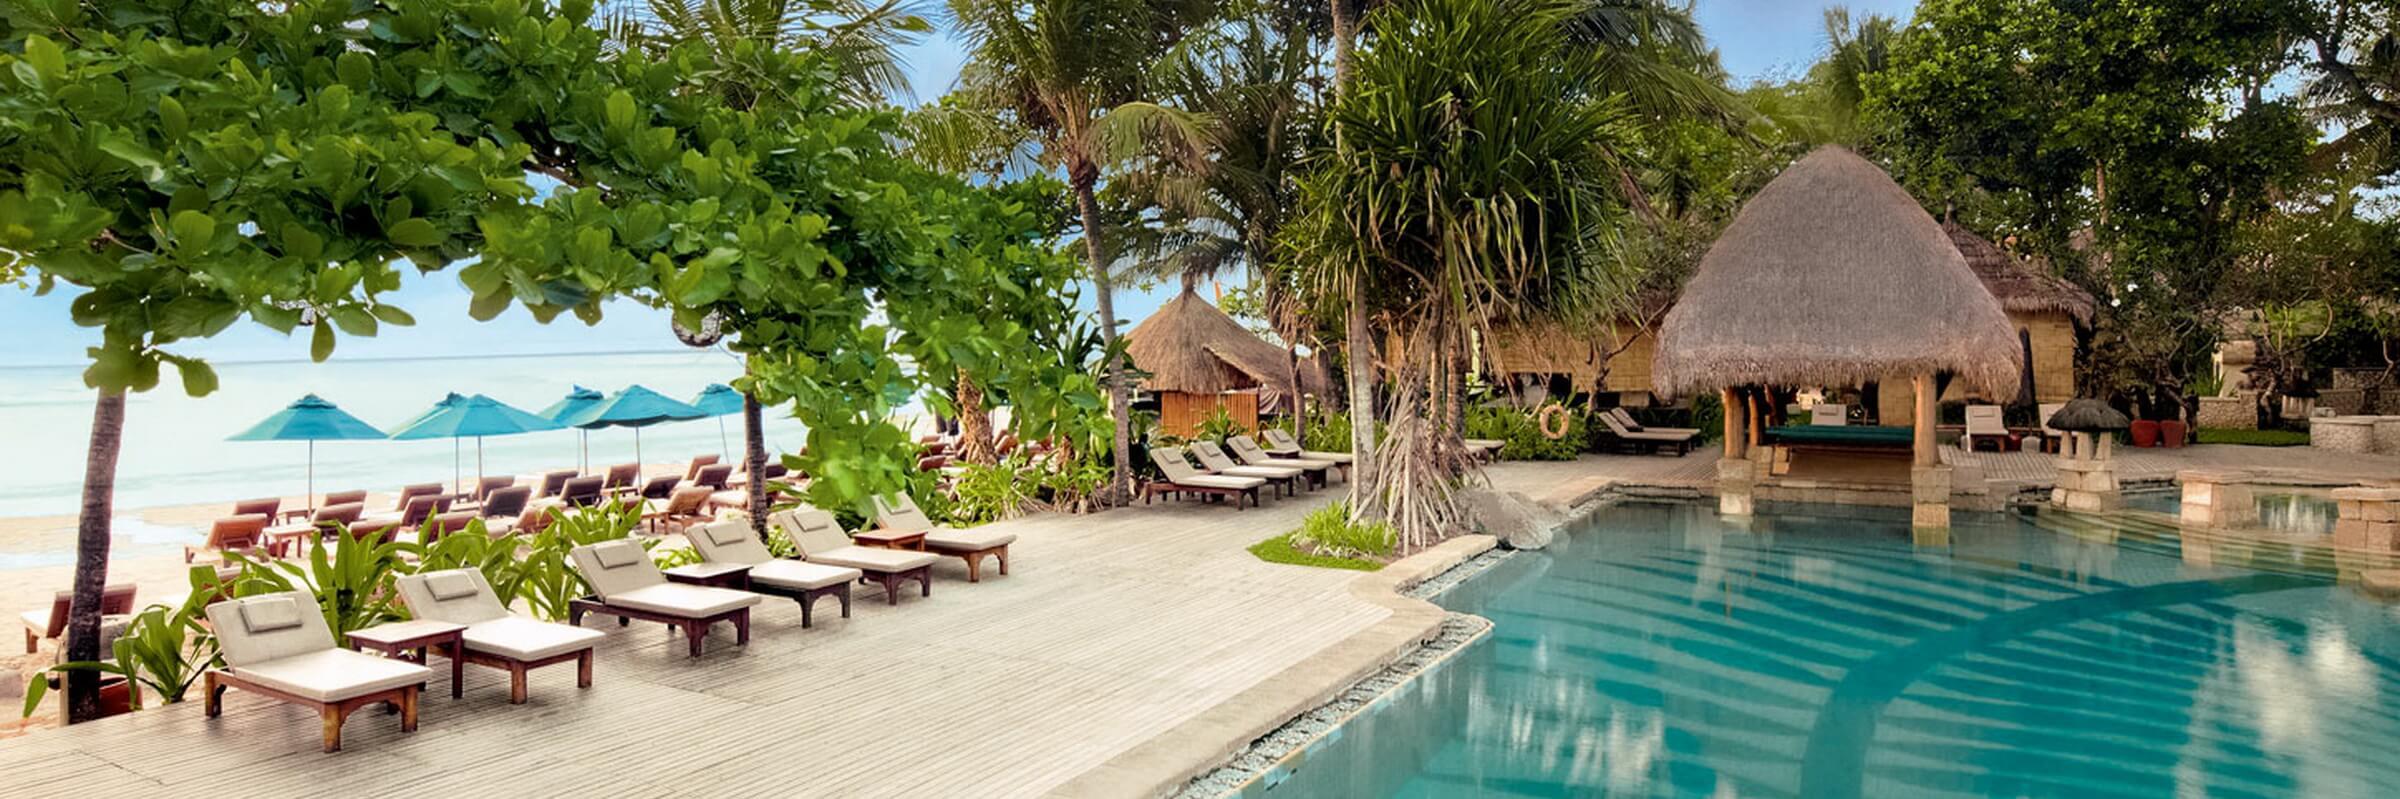 Sonnenliegen am Pool unweit des Strandes des Novotel Bali Benoa Resorts